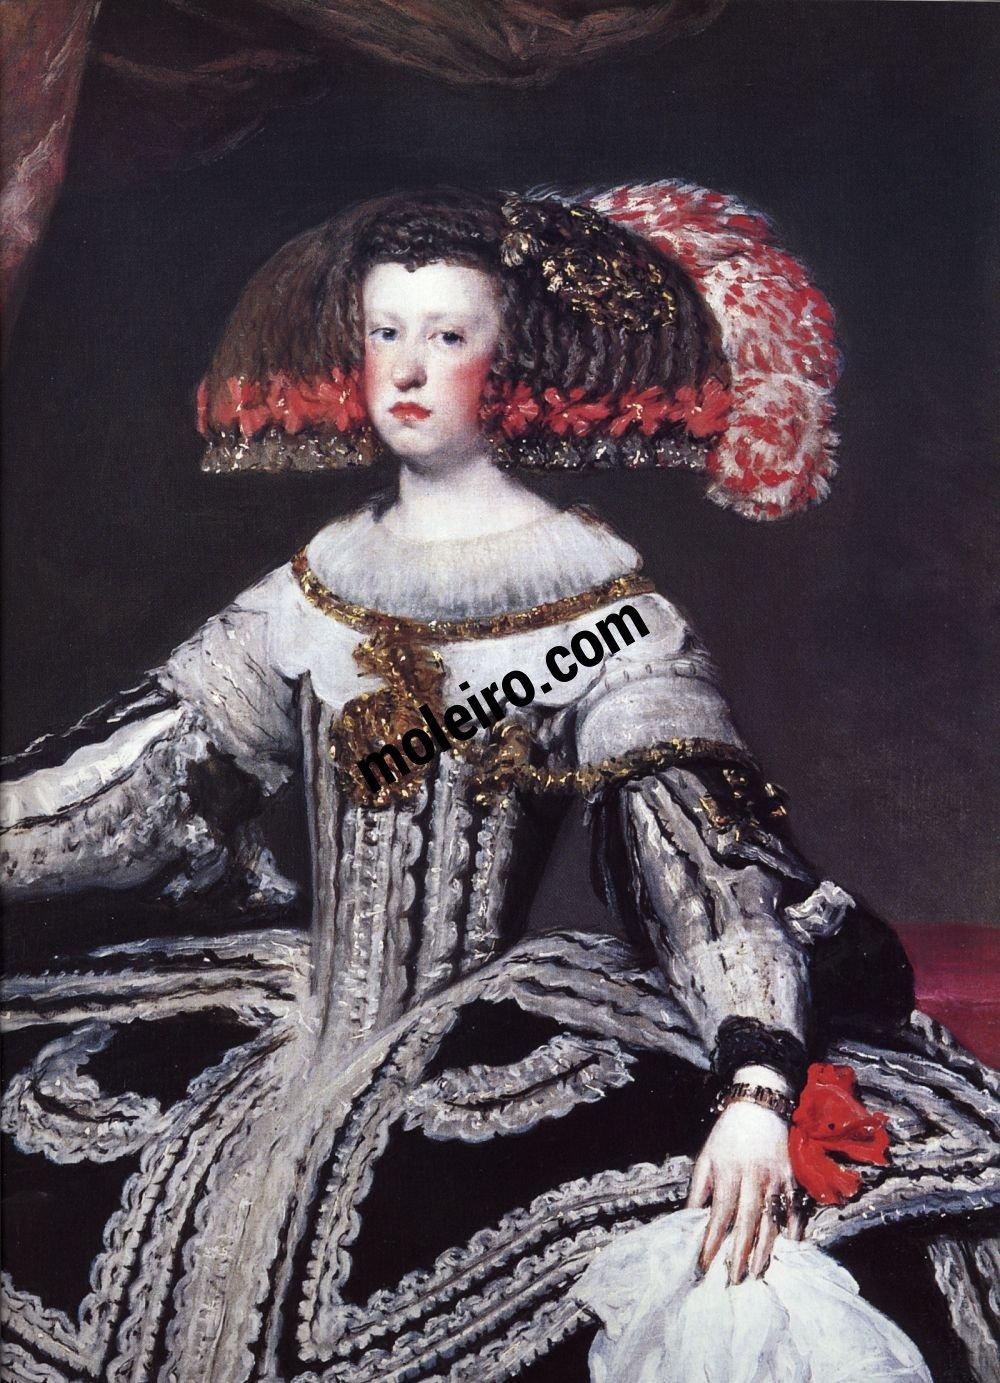 El Arte Barroco en España y Portugal Diego Velásquez, rainha Mariana de Áustria, detalhe,1652. Museu do Prado, Madrid, Espanha.